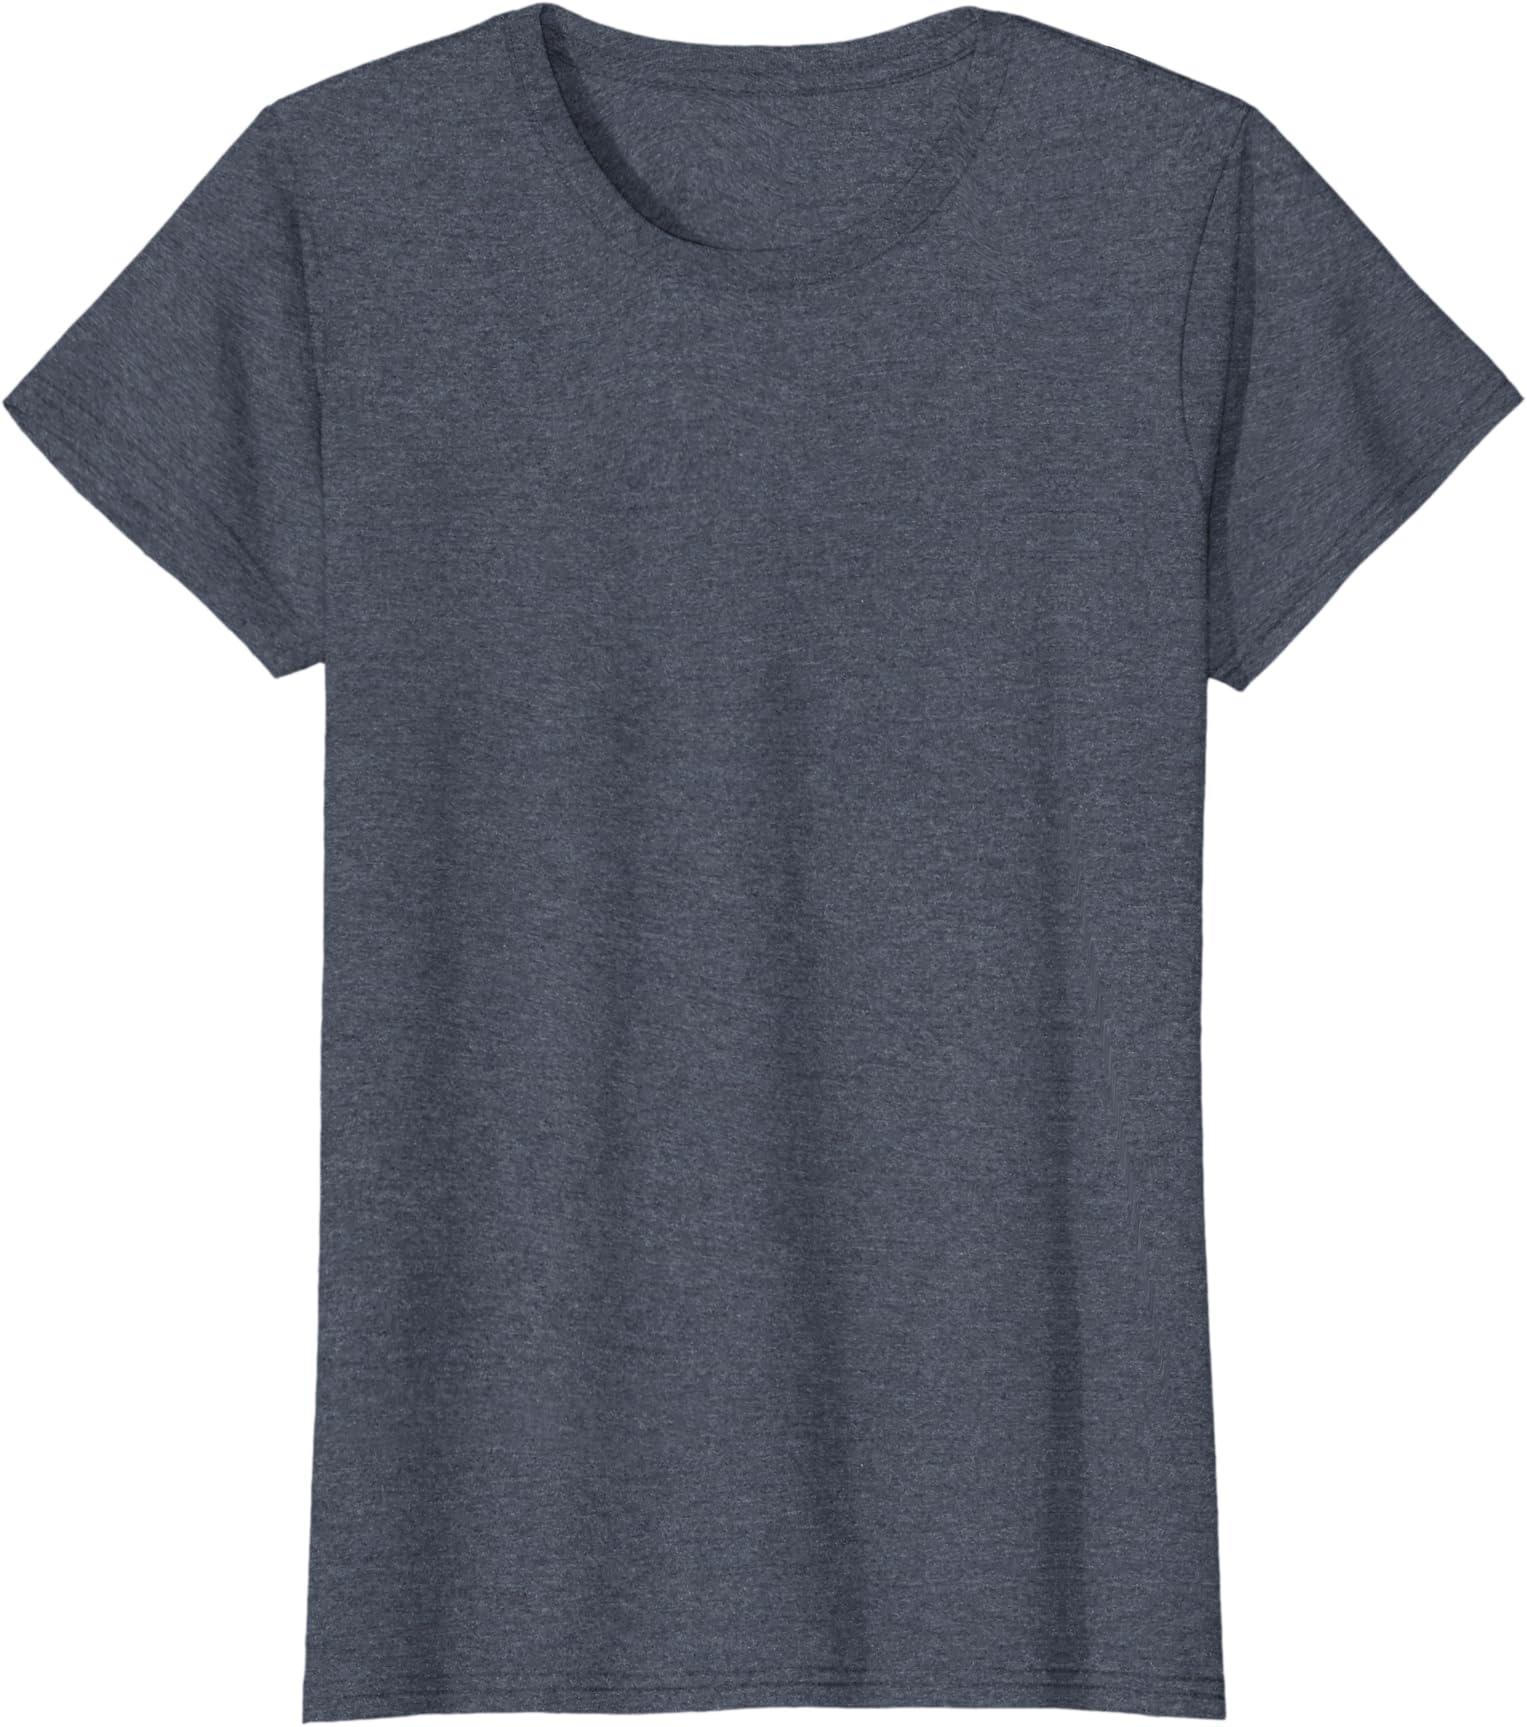 KIDS Mr Fussy Tshirt cotton